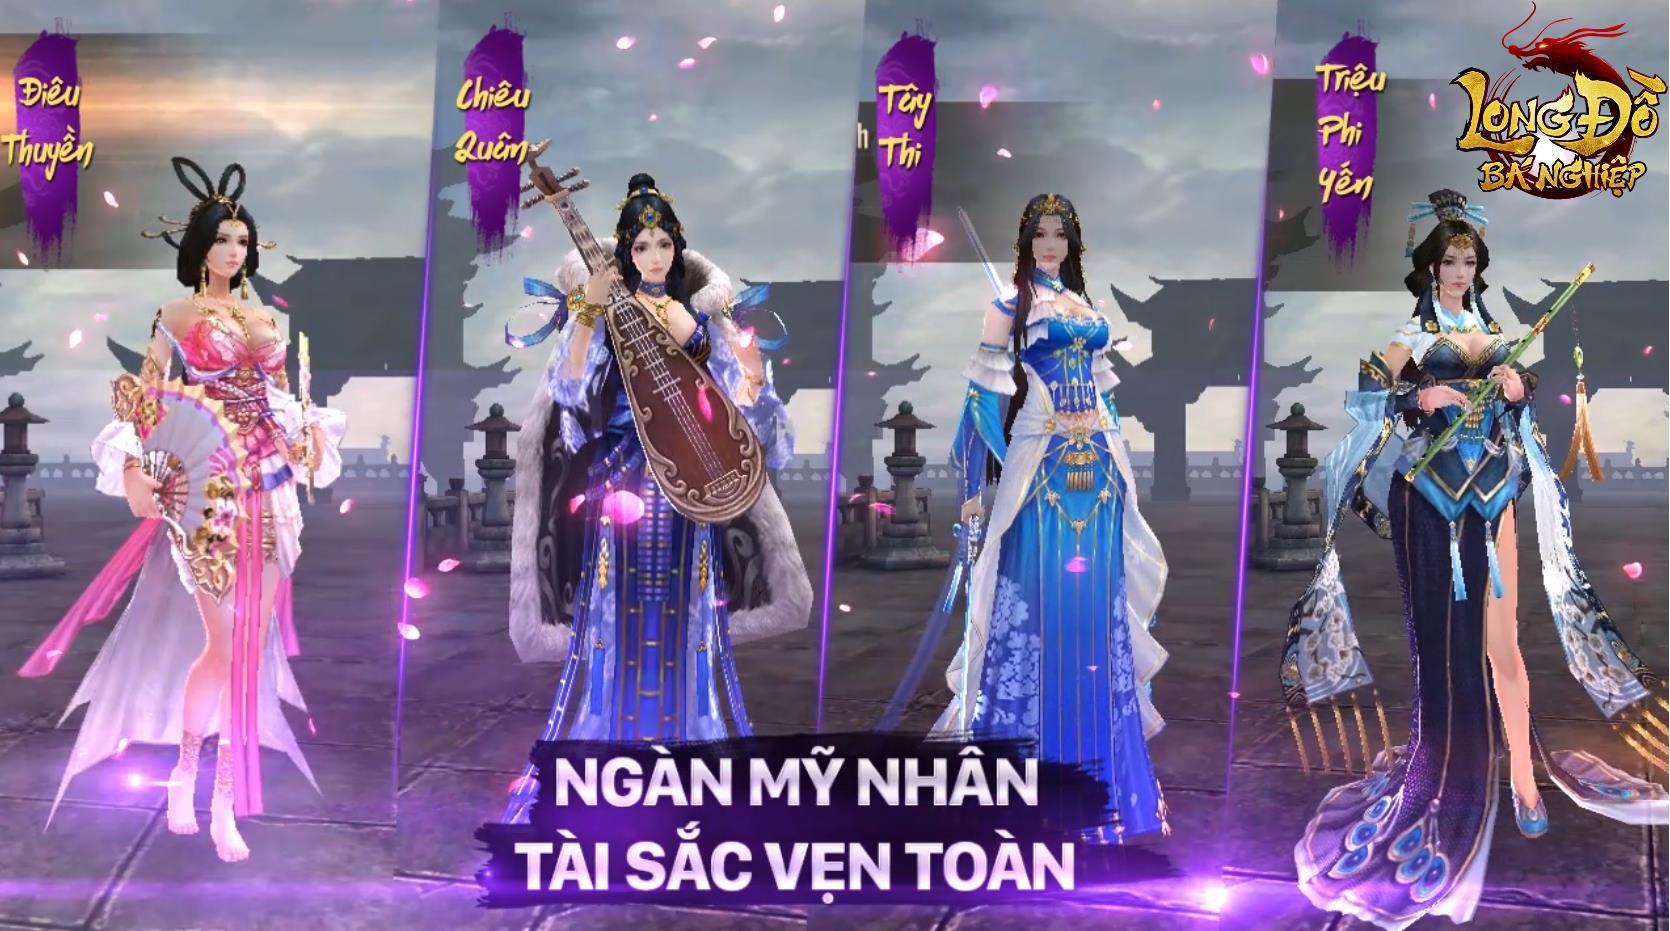 Hừng hực khí thế với trailer Long Đồ Bá Nghiệp: Game chiến thuật Top 1 Châu Á sắp ra mắt tháng 1 - Ảnh 4.